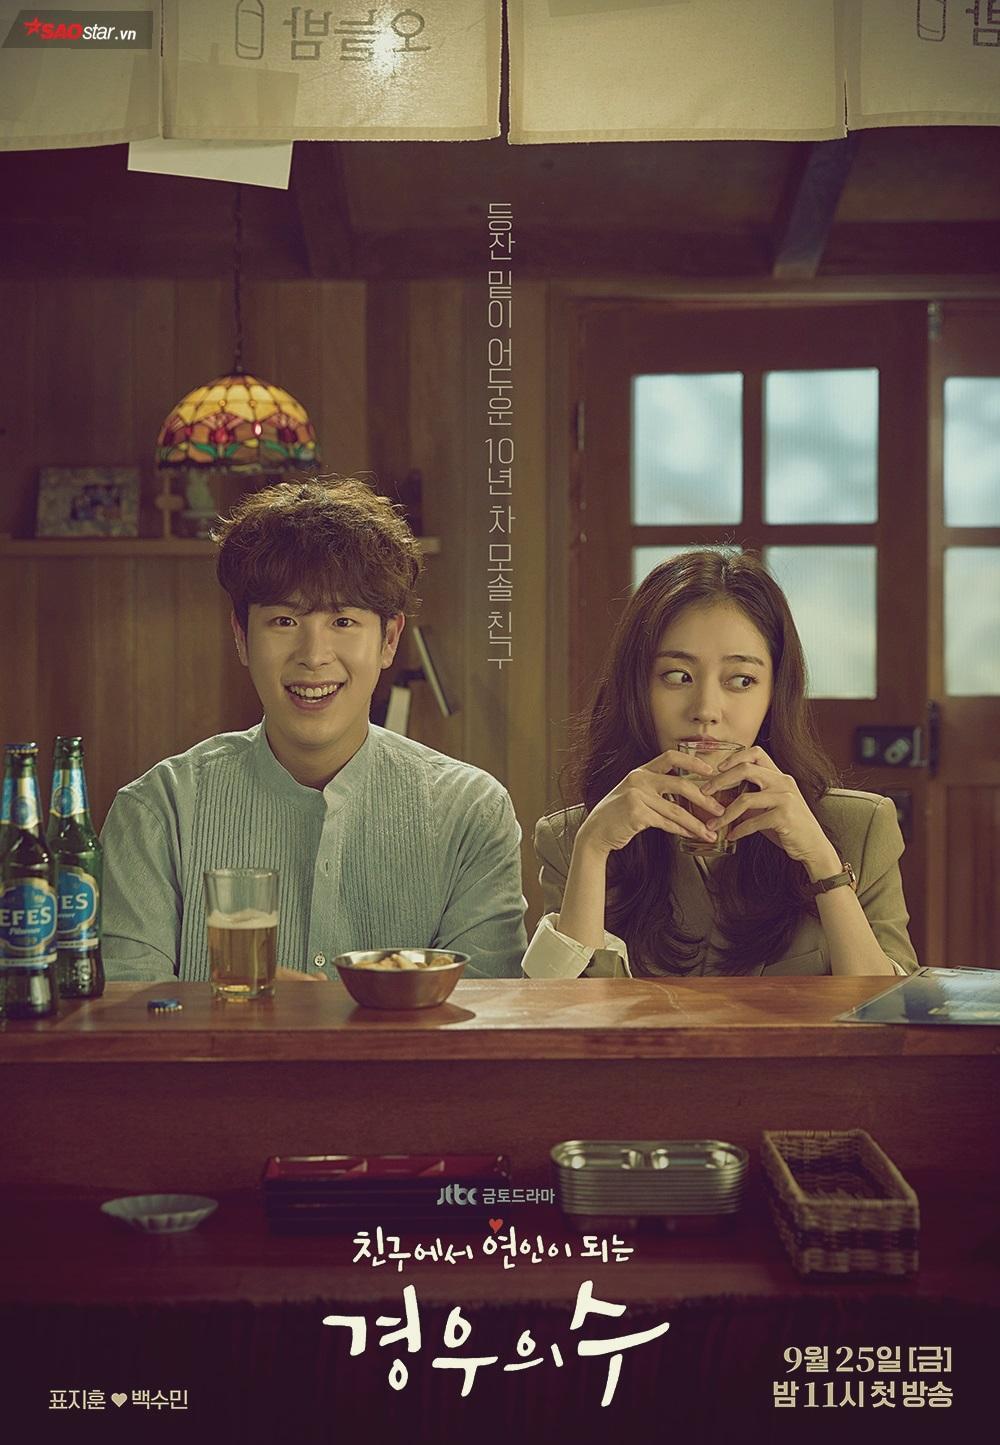 Phim truyền hình Hàn Quốc cuối tháng 9: Đa dạng thể loại nhưng nội dung không mới mẻ Ảnh 9